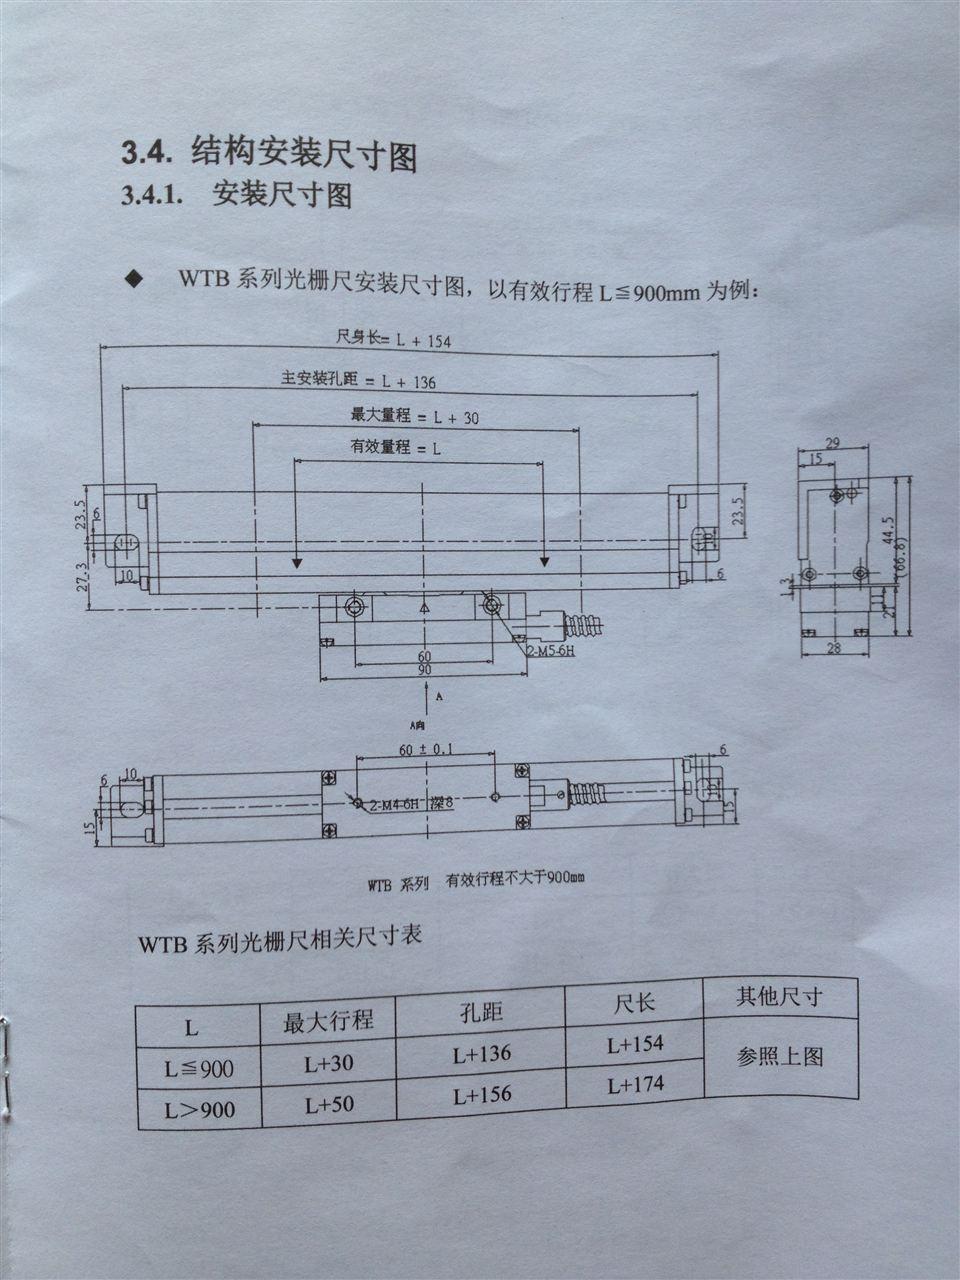 RATIONAL WTB5万濠光栅尺电子尺光标尺位移